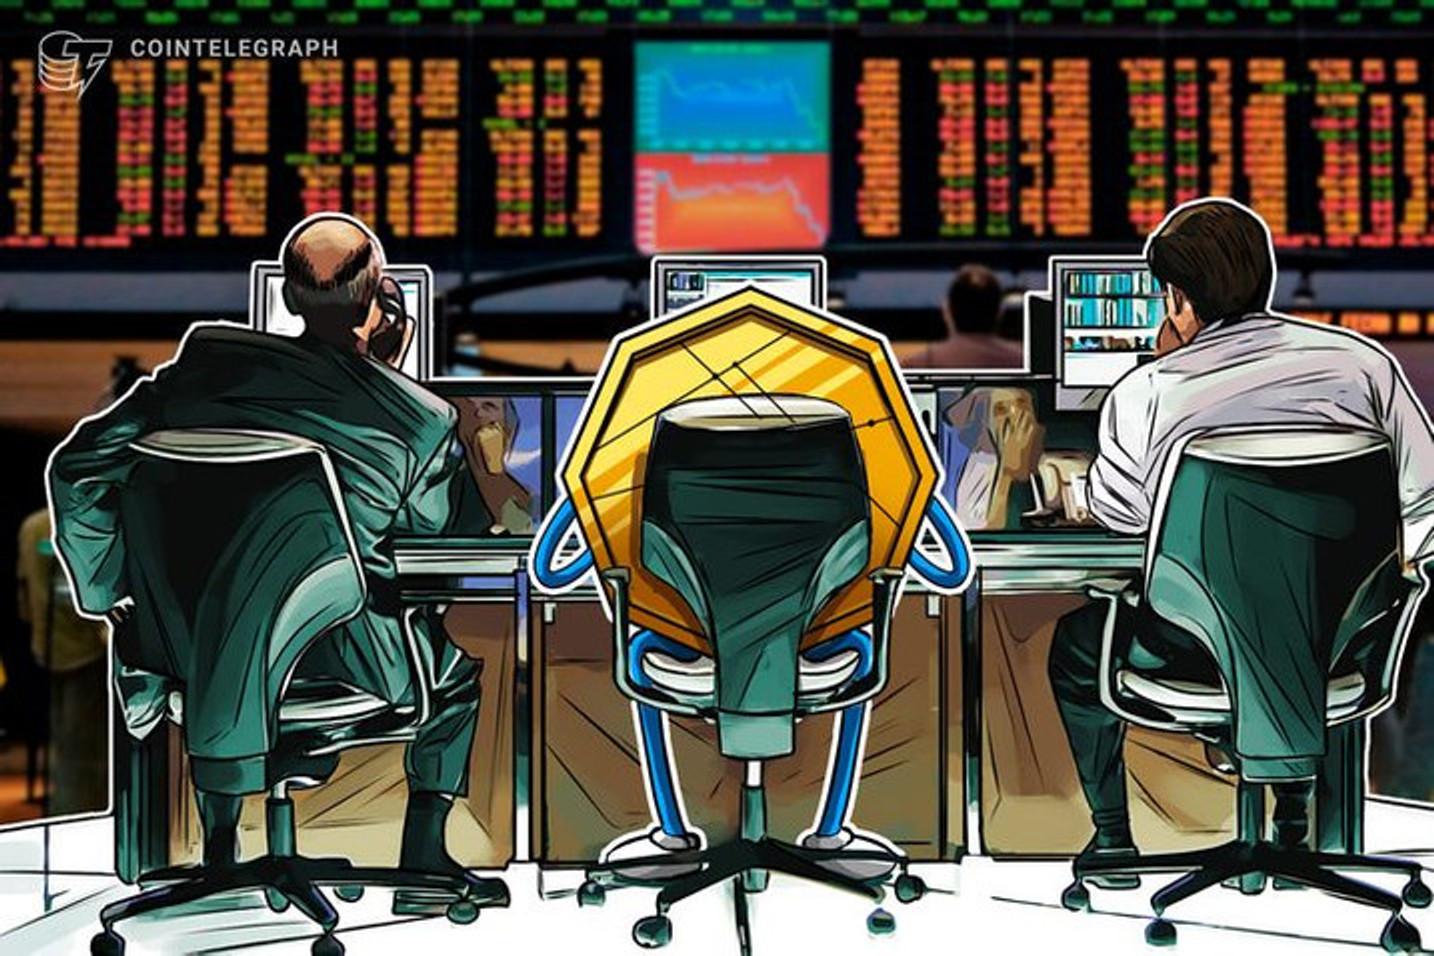 Mercado Cripto perde R$ 3 trilhões, mas não se assuste, 5 criptoativos estão prontos para recuperação, aponta trader